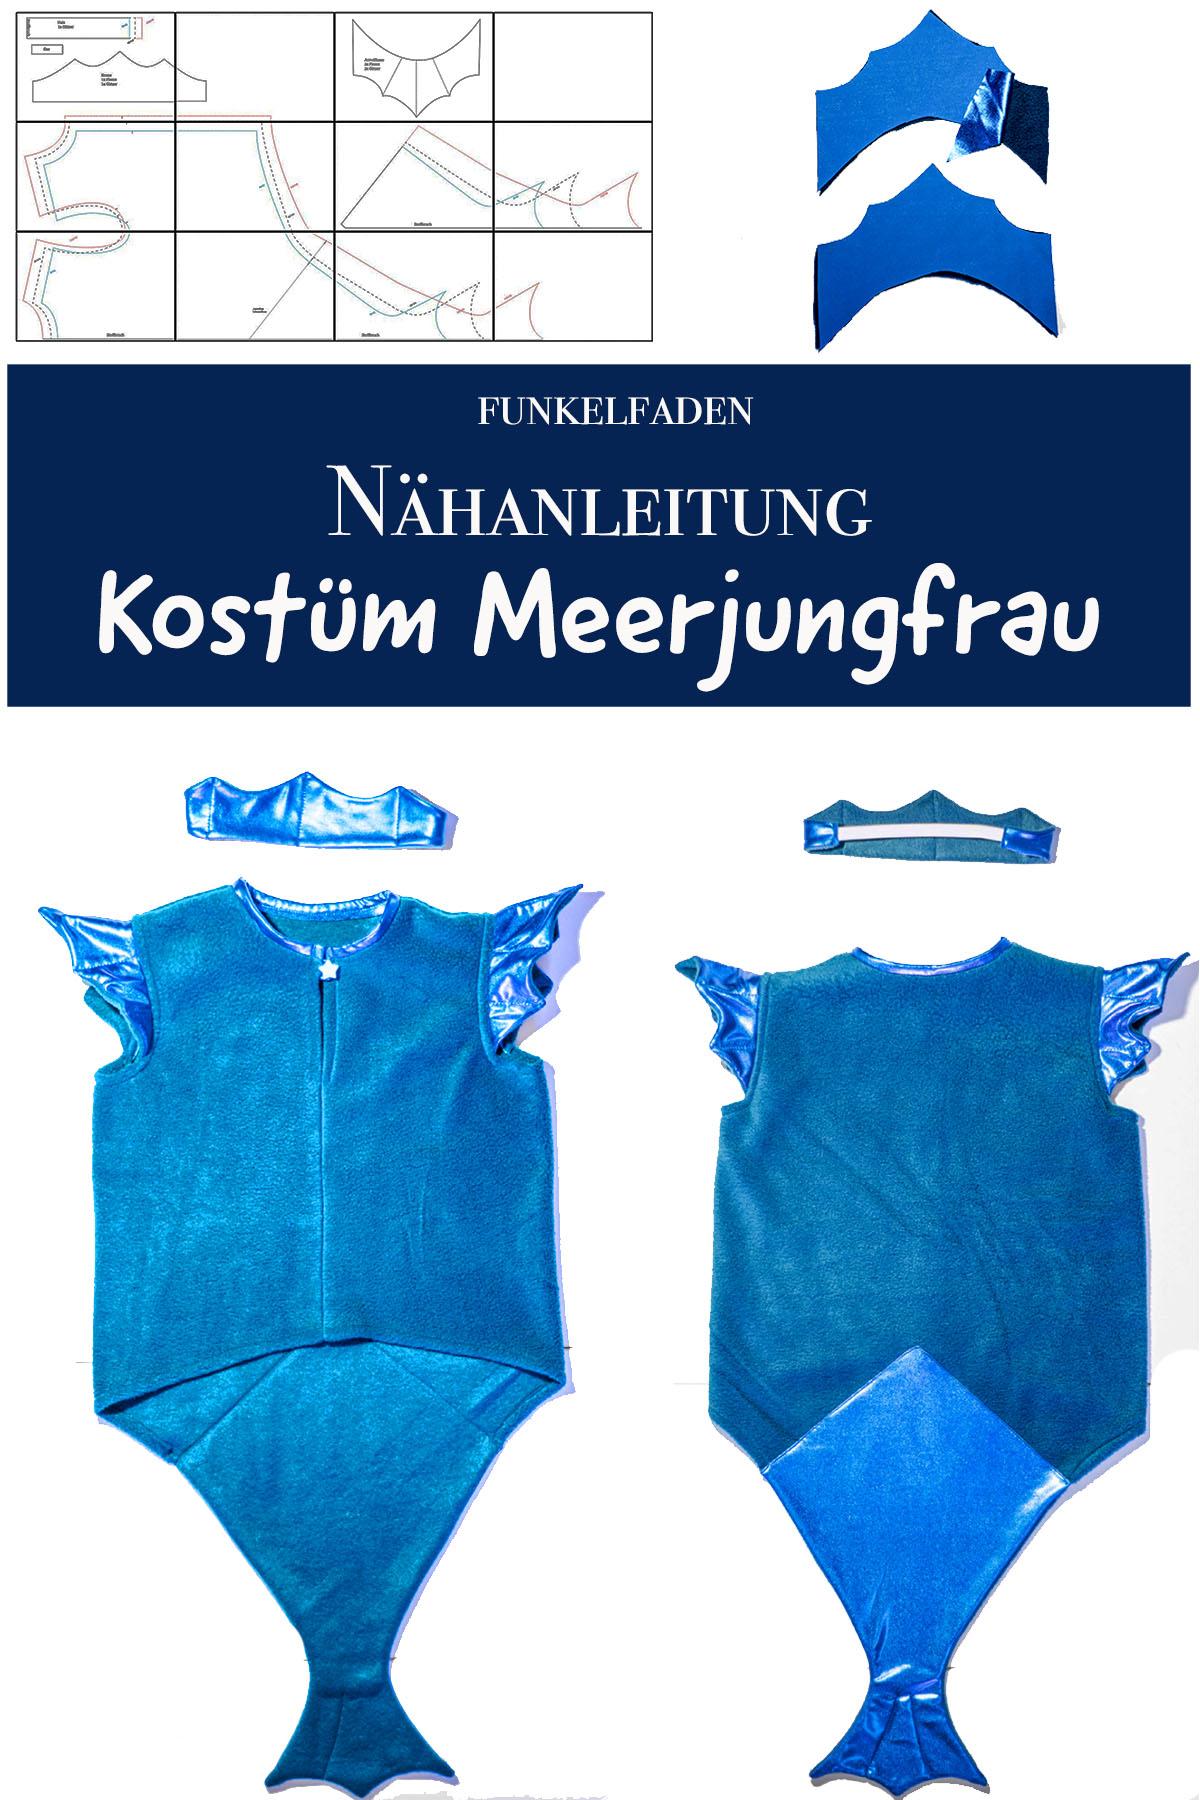 Schnittmuster für Kinderkostüm Meerjungfrau / Wassermann (Gr. 86-116) von Funkelfaden